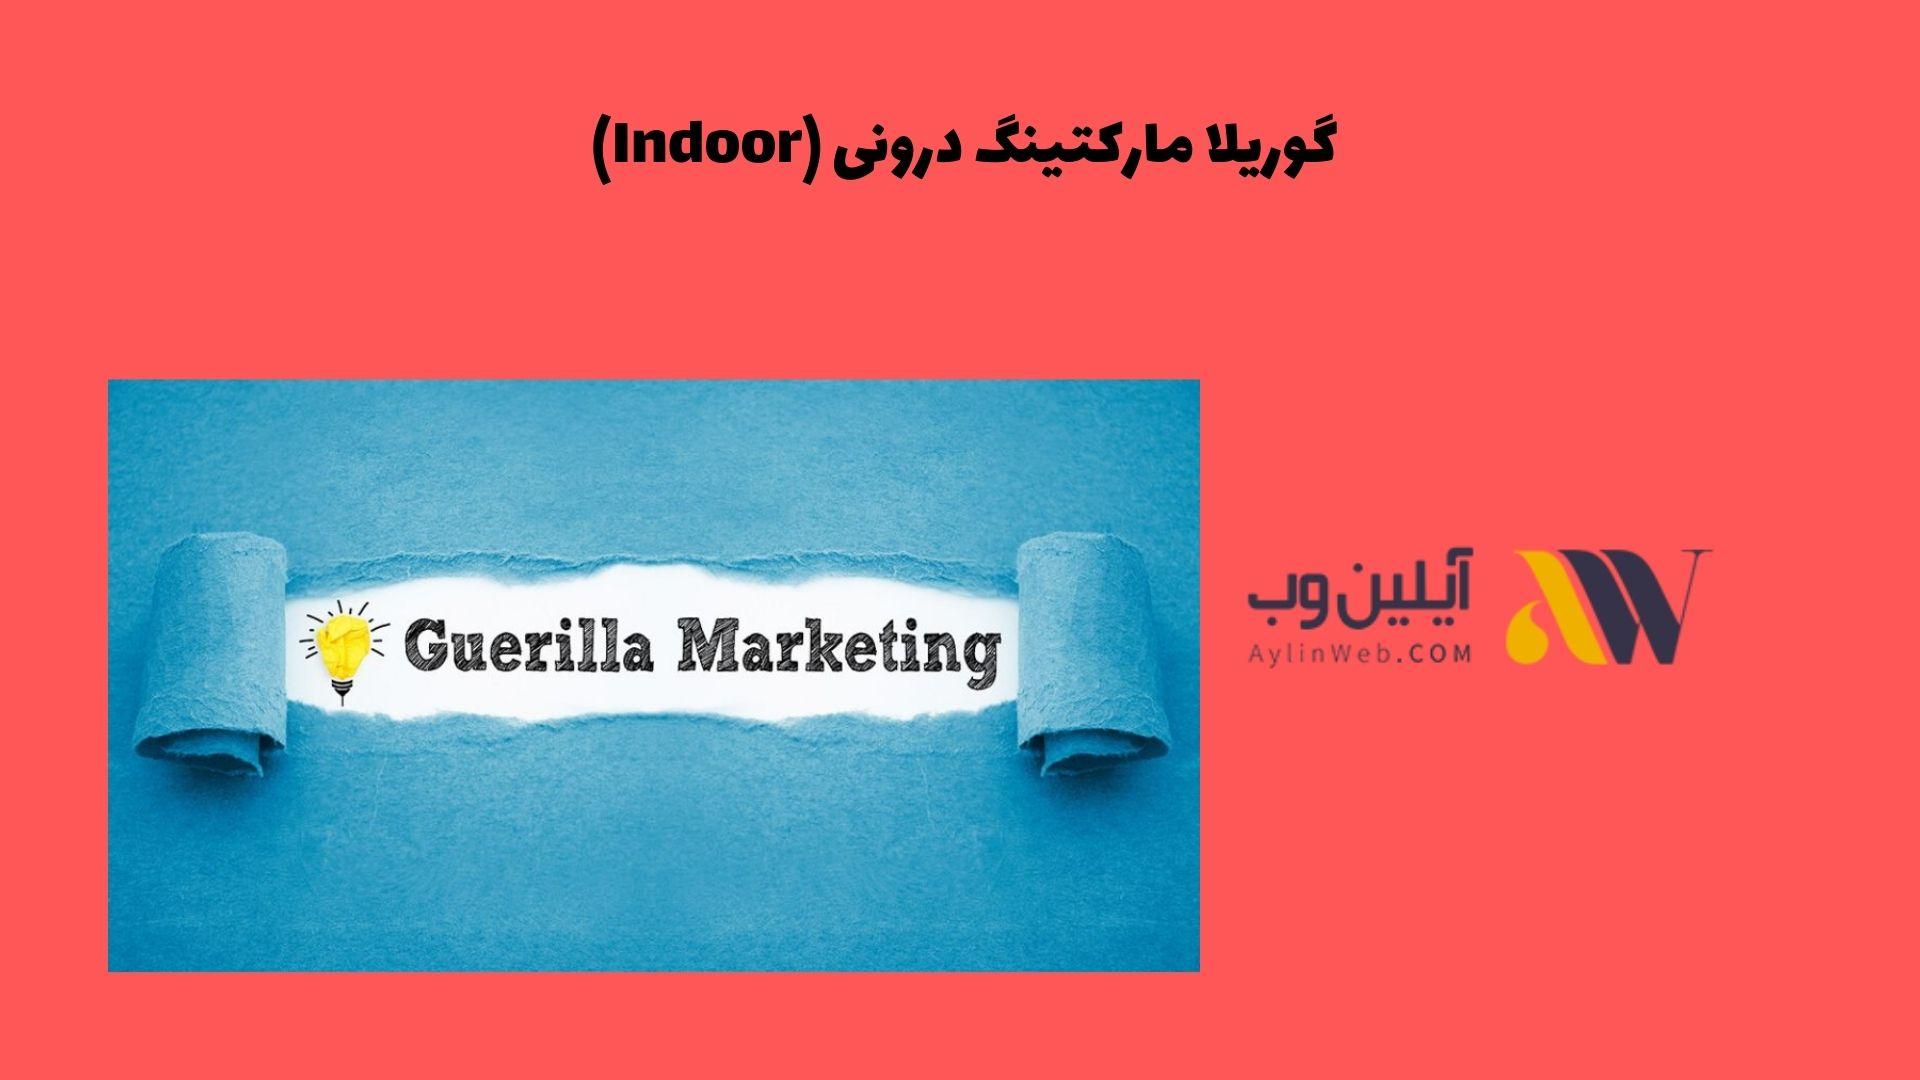 گوریلا مارکتینگ درونی (Indoor)